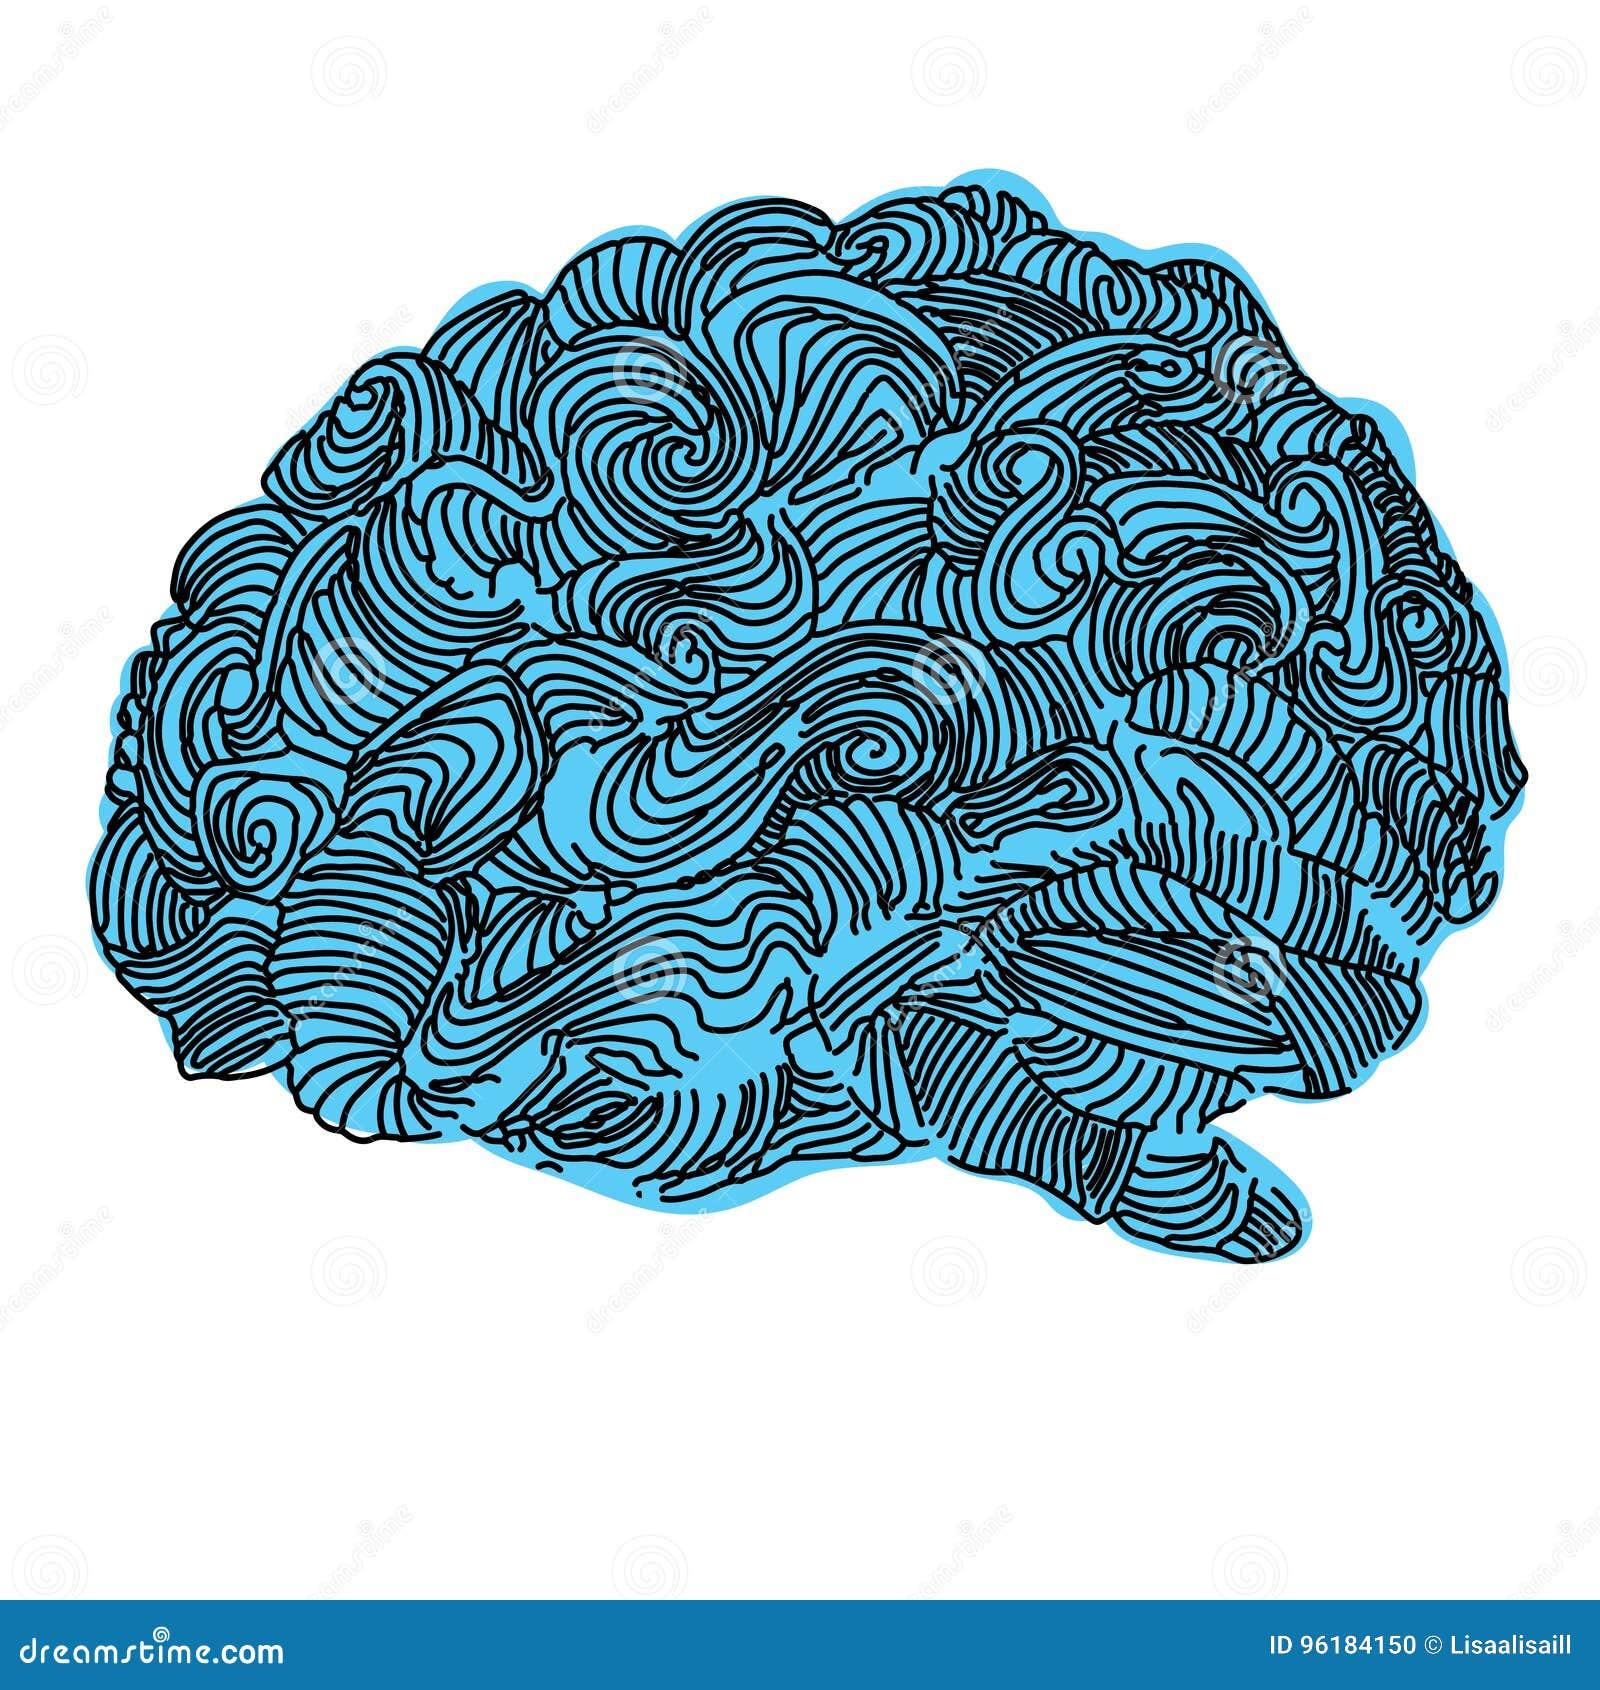 Иллюстрация идеи мозга Концепция вектора Doodle о человеческом мозге Творческая иллюстрация